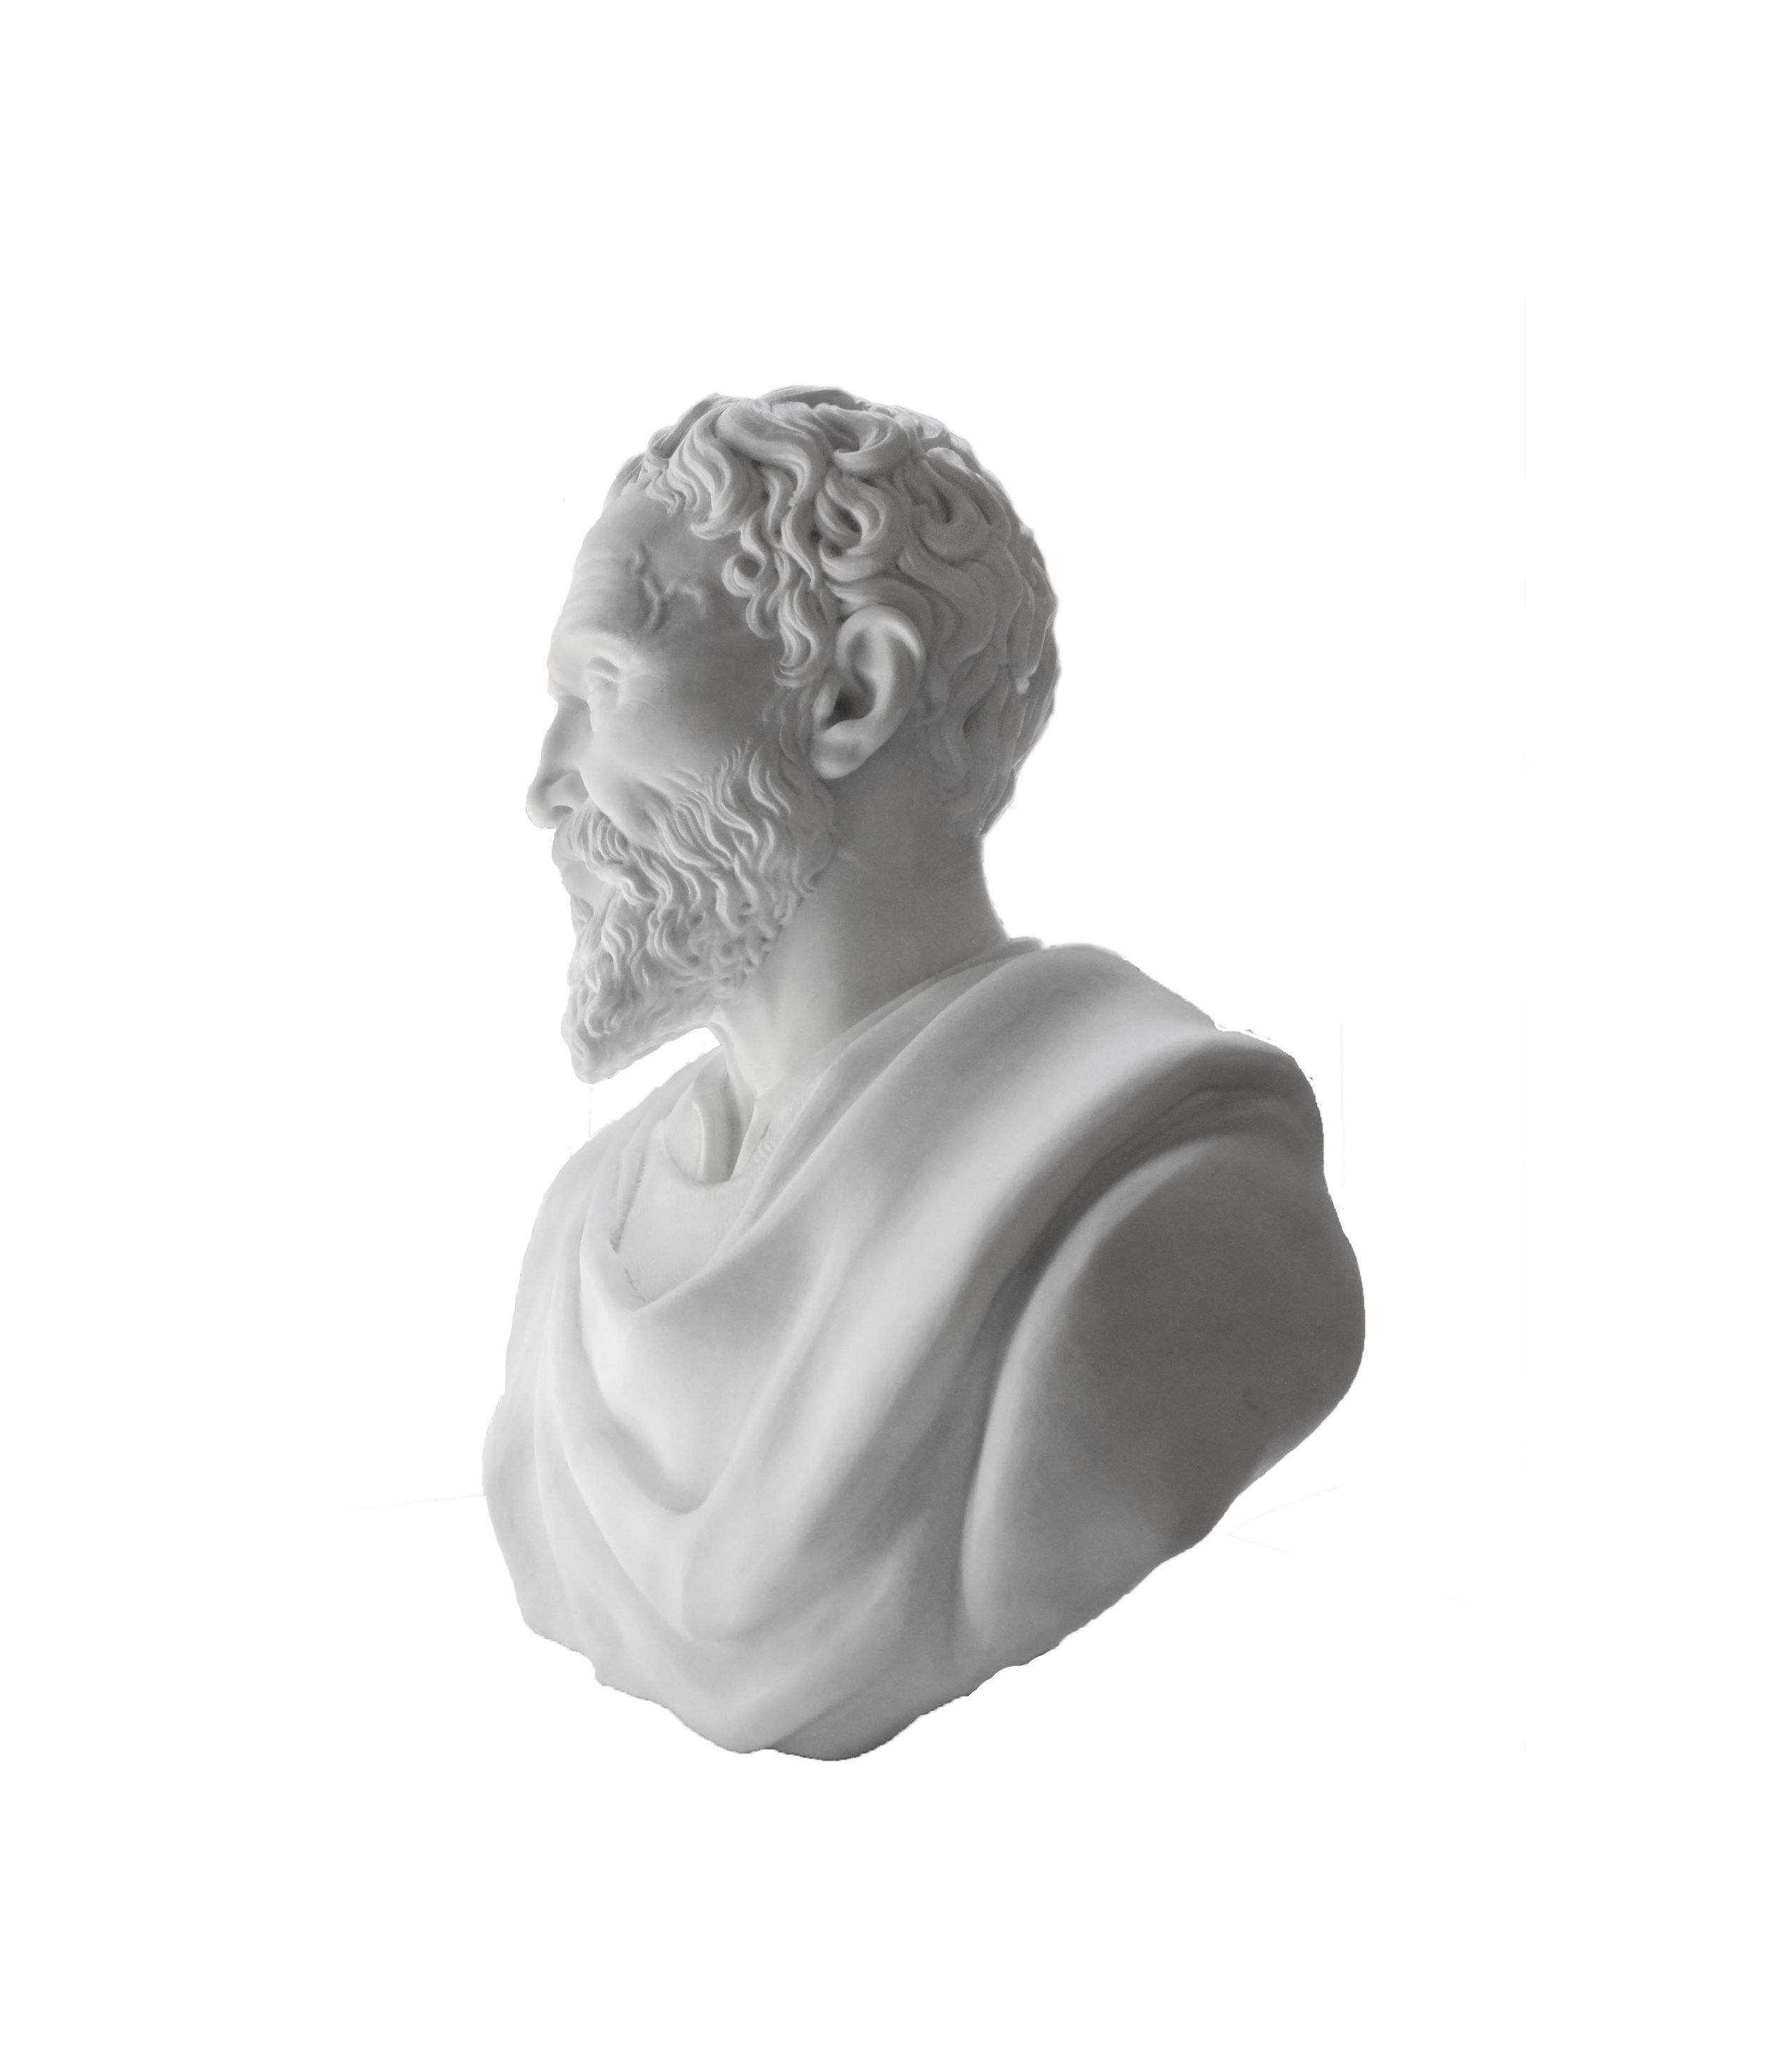 Michelangelo Side 2.jpg